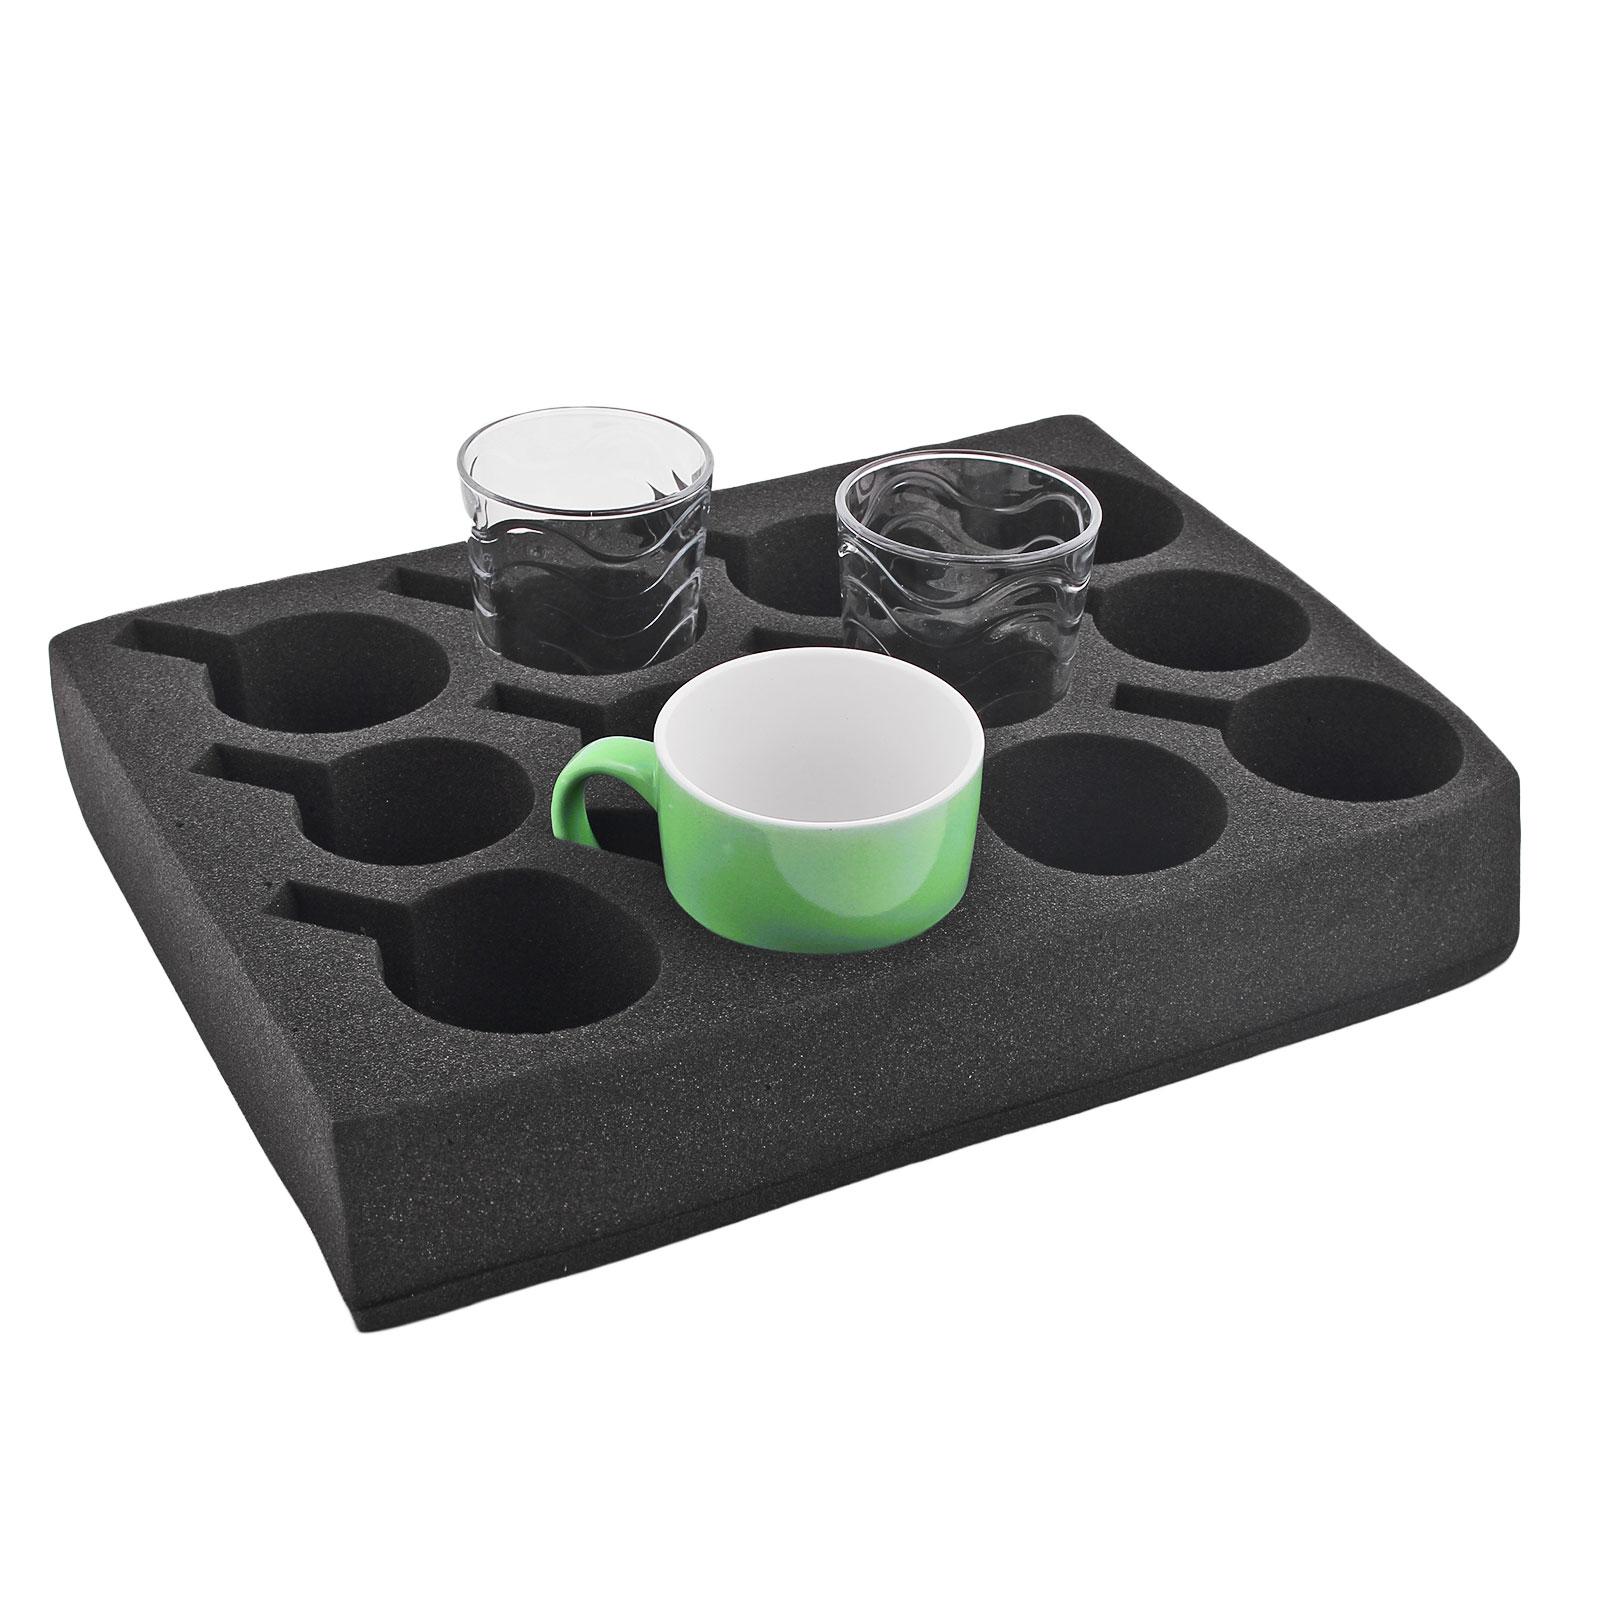 Tassenhalter Glashalter | 12er | schwarz |Spezialschaum |330x245x60 mm